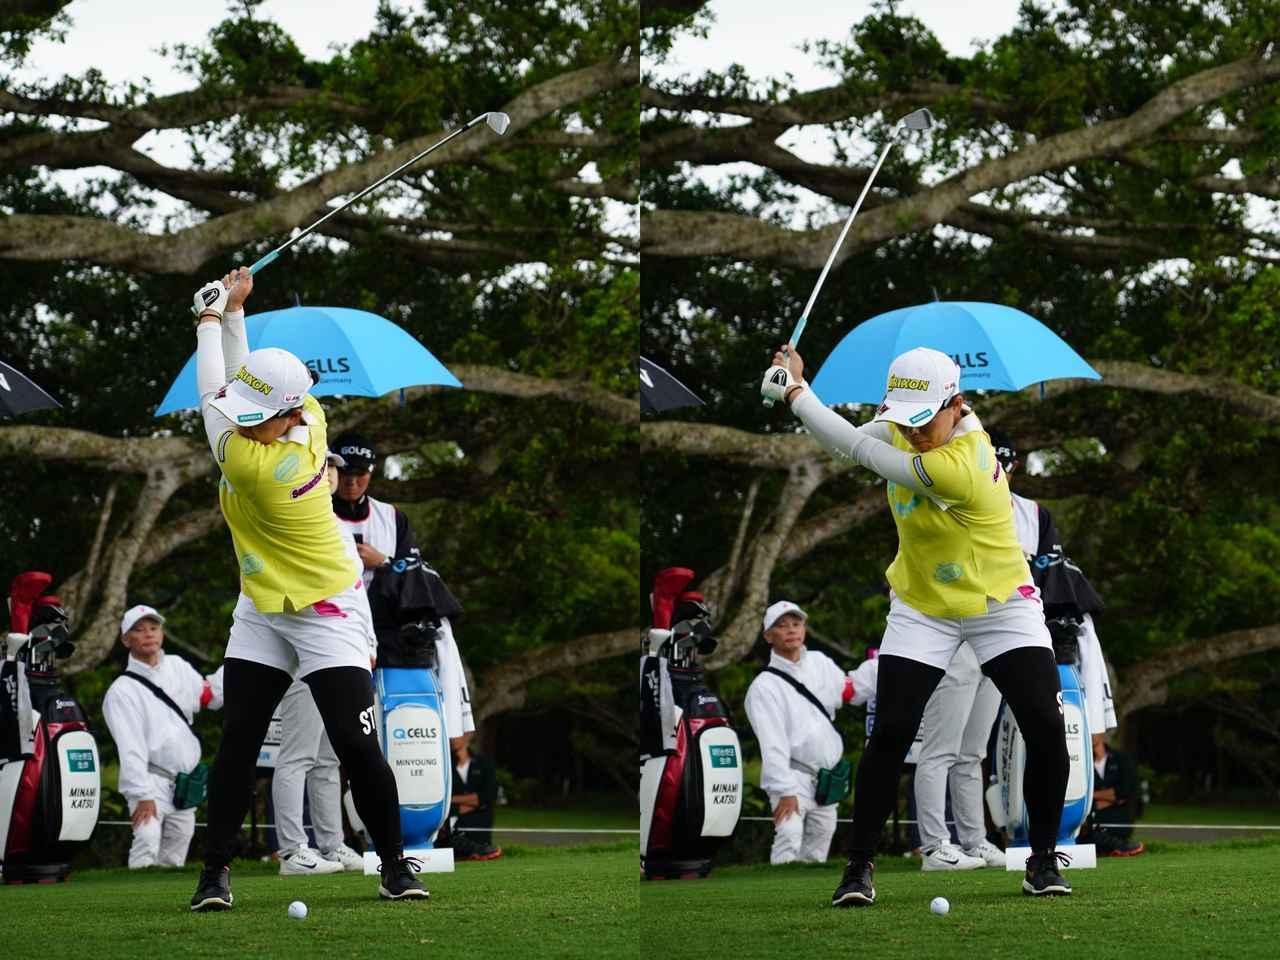 画像: パーオン率昨年70位から今年は3位! 勝みなみの「極上」インパクト - みんなのゴルフダイジェスト